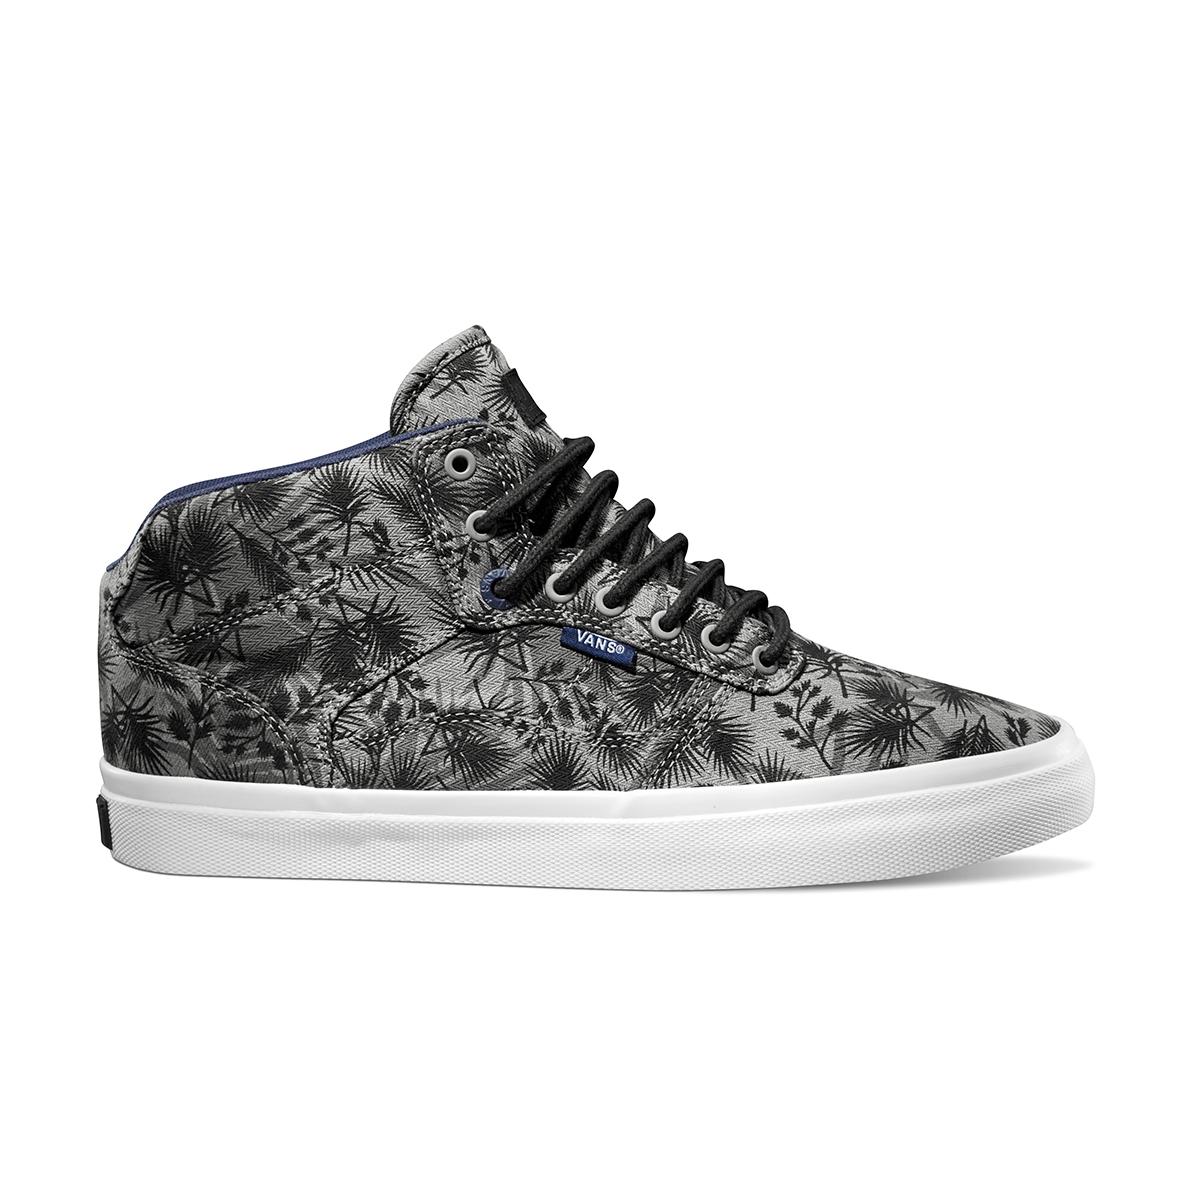 8b53d92303a928 Wszystkie prezentowane poniżej buty są już dostępne w naszym kraju za  pośrednictwem monobrandowych sklepów Vansa.